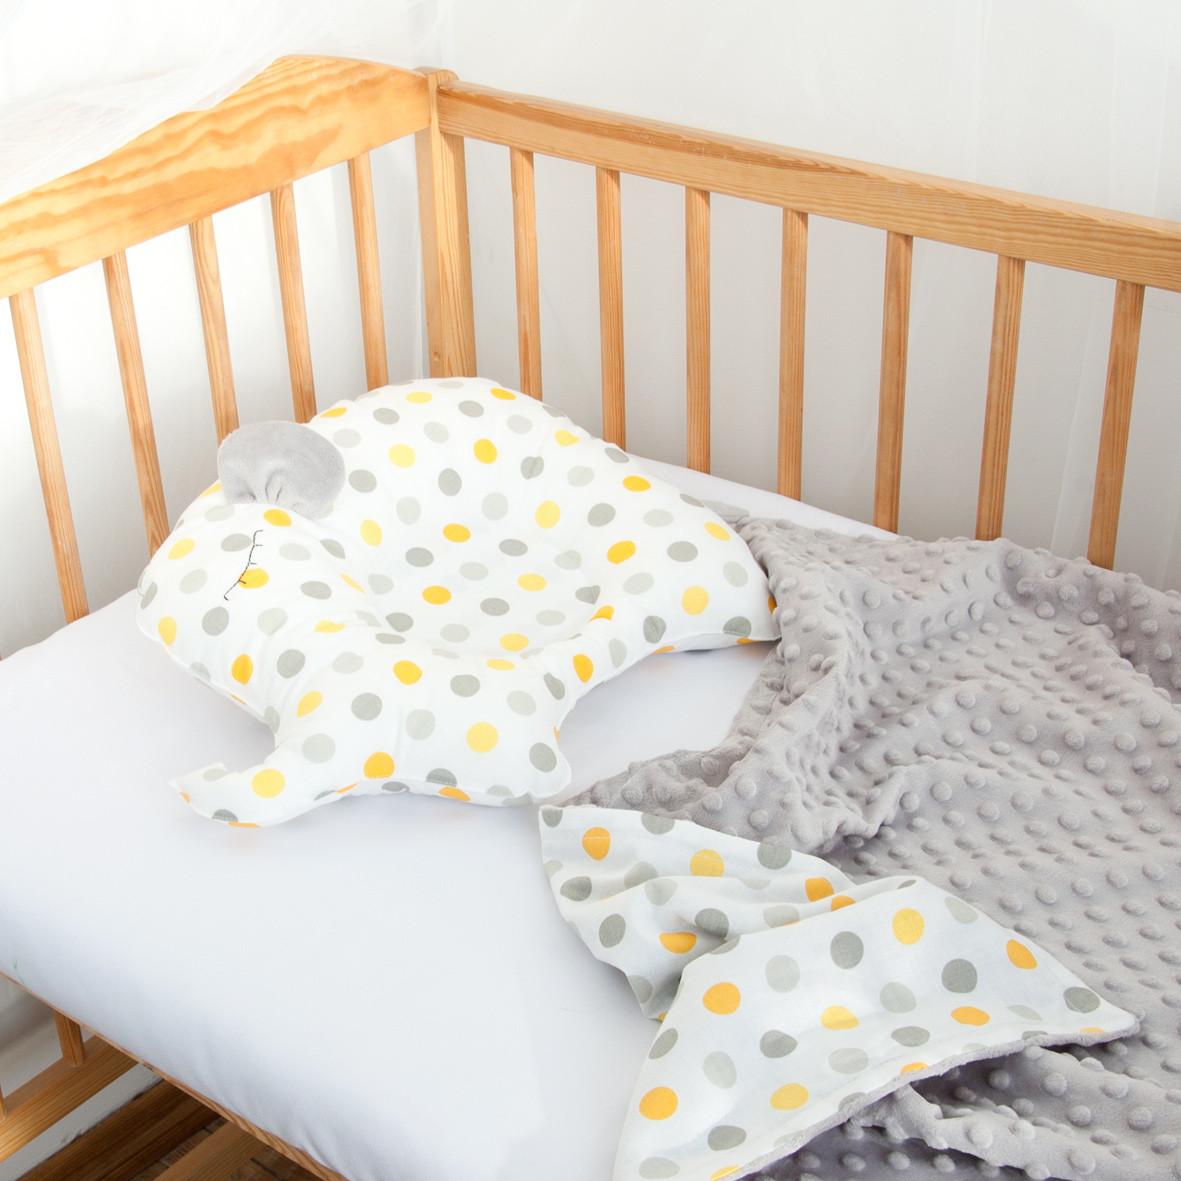 Одеяло на выписку и подушка для новорожденного